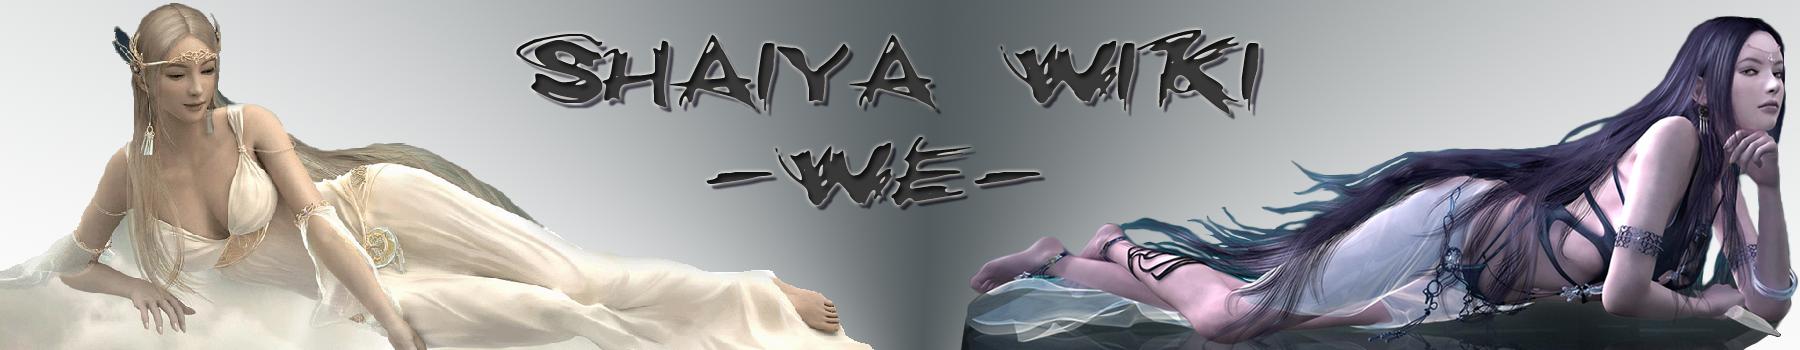 Shaiya Wiki